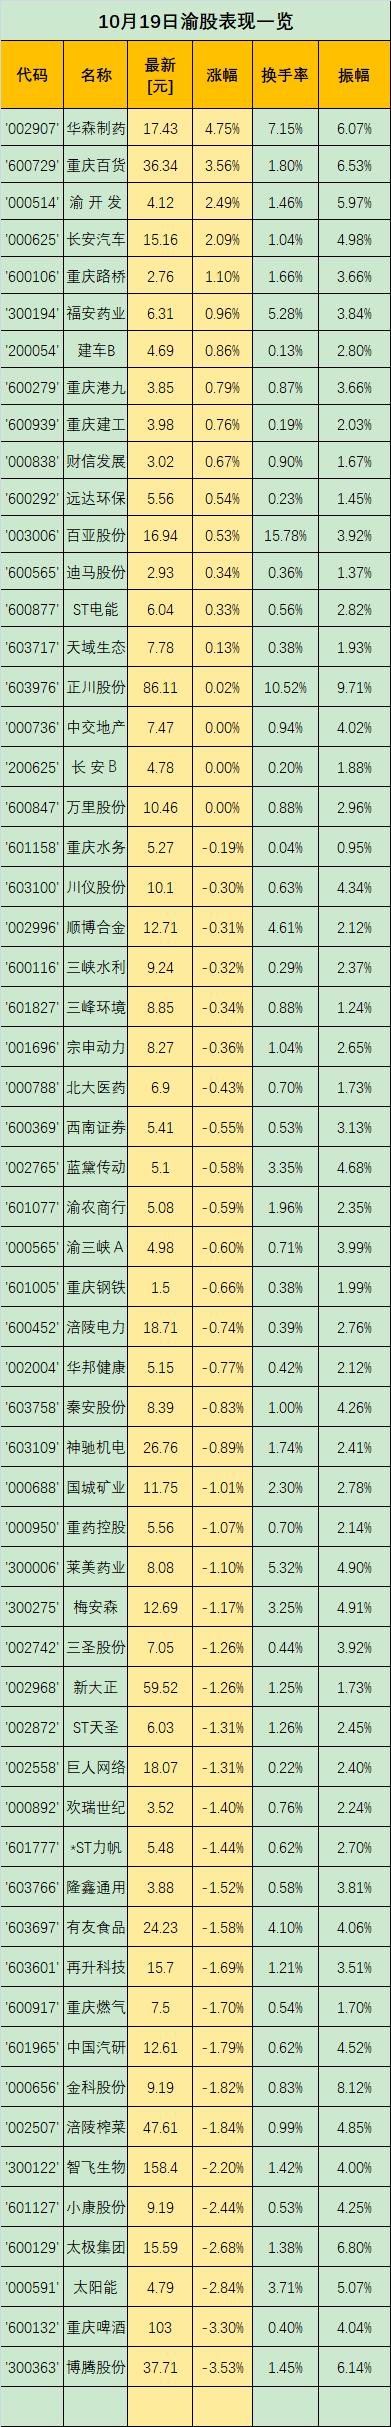 渝股点金 | 重庆百货:双重预期支撑,持股待涨为宜